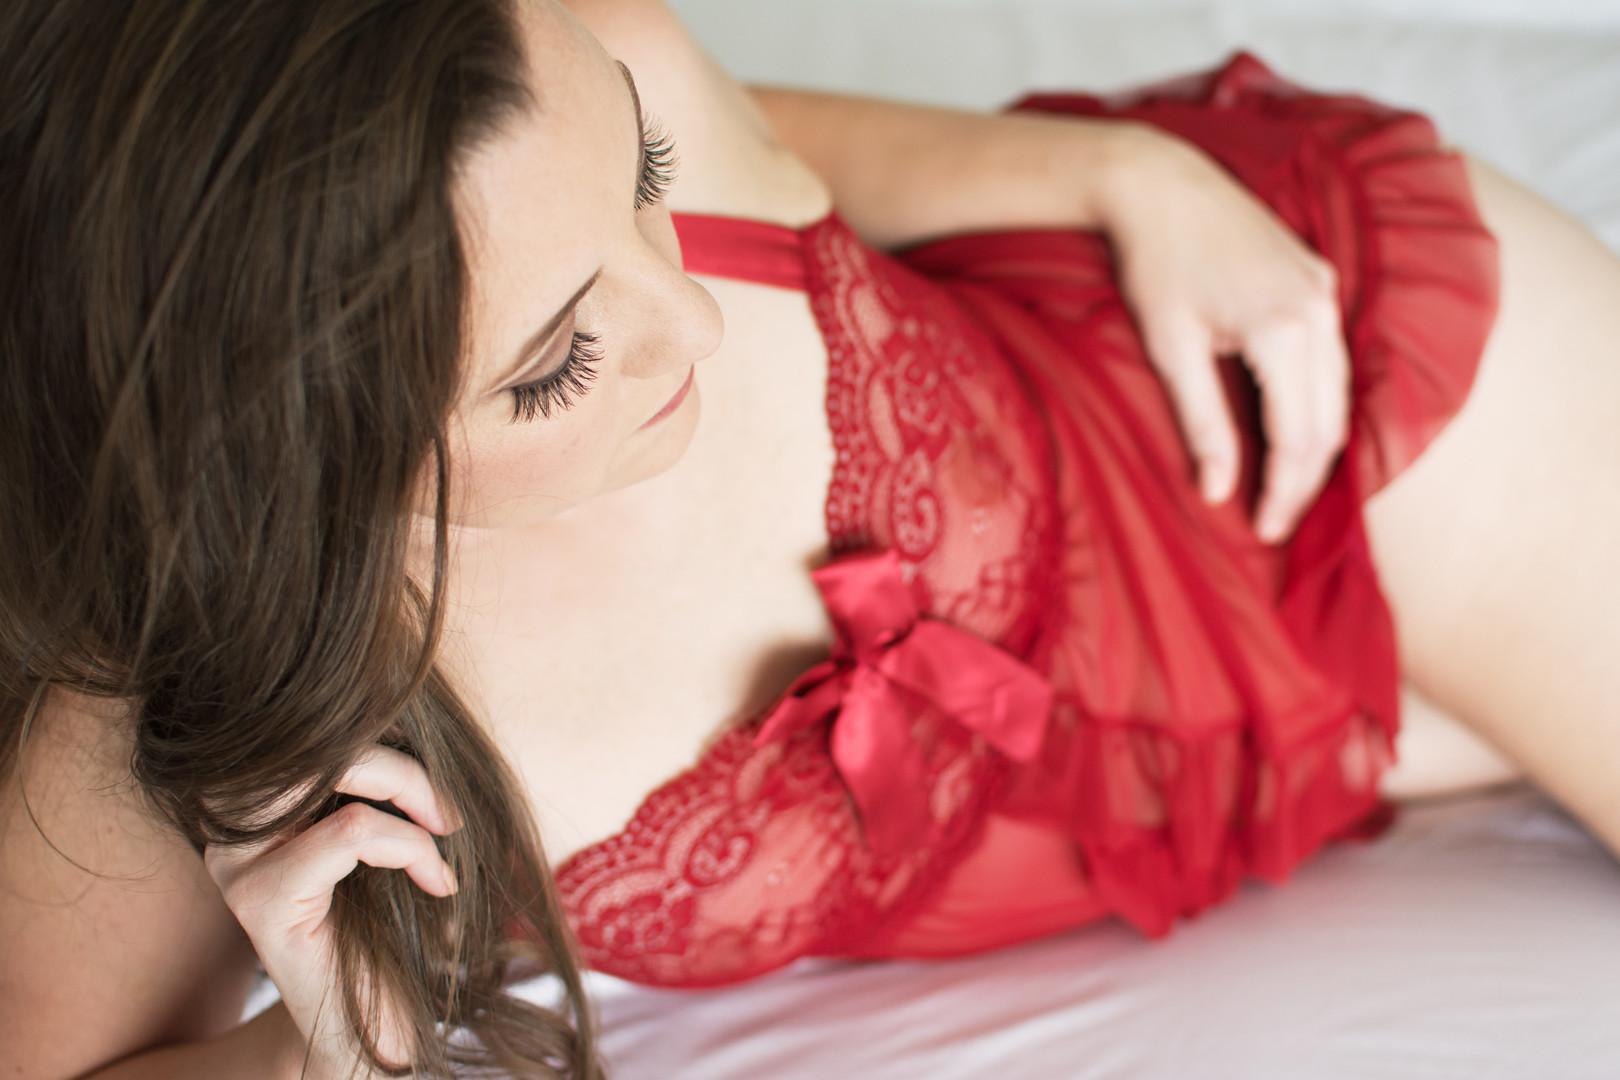 Lisa_Schwerin_Boudoir_Bedroom_Lingerie_Portrait_Photographer_Fort_Smith_Fayetteville_Rogers_Arkansas